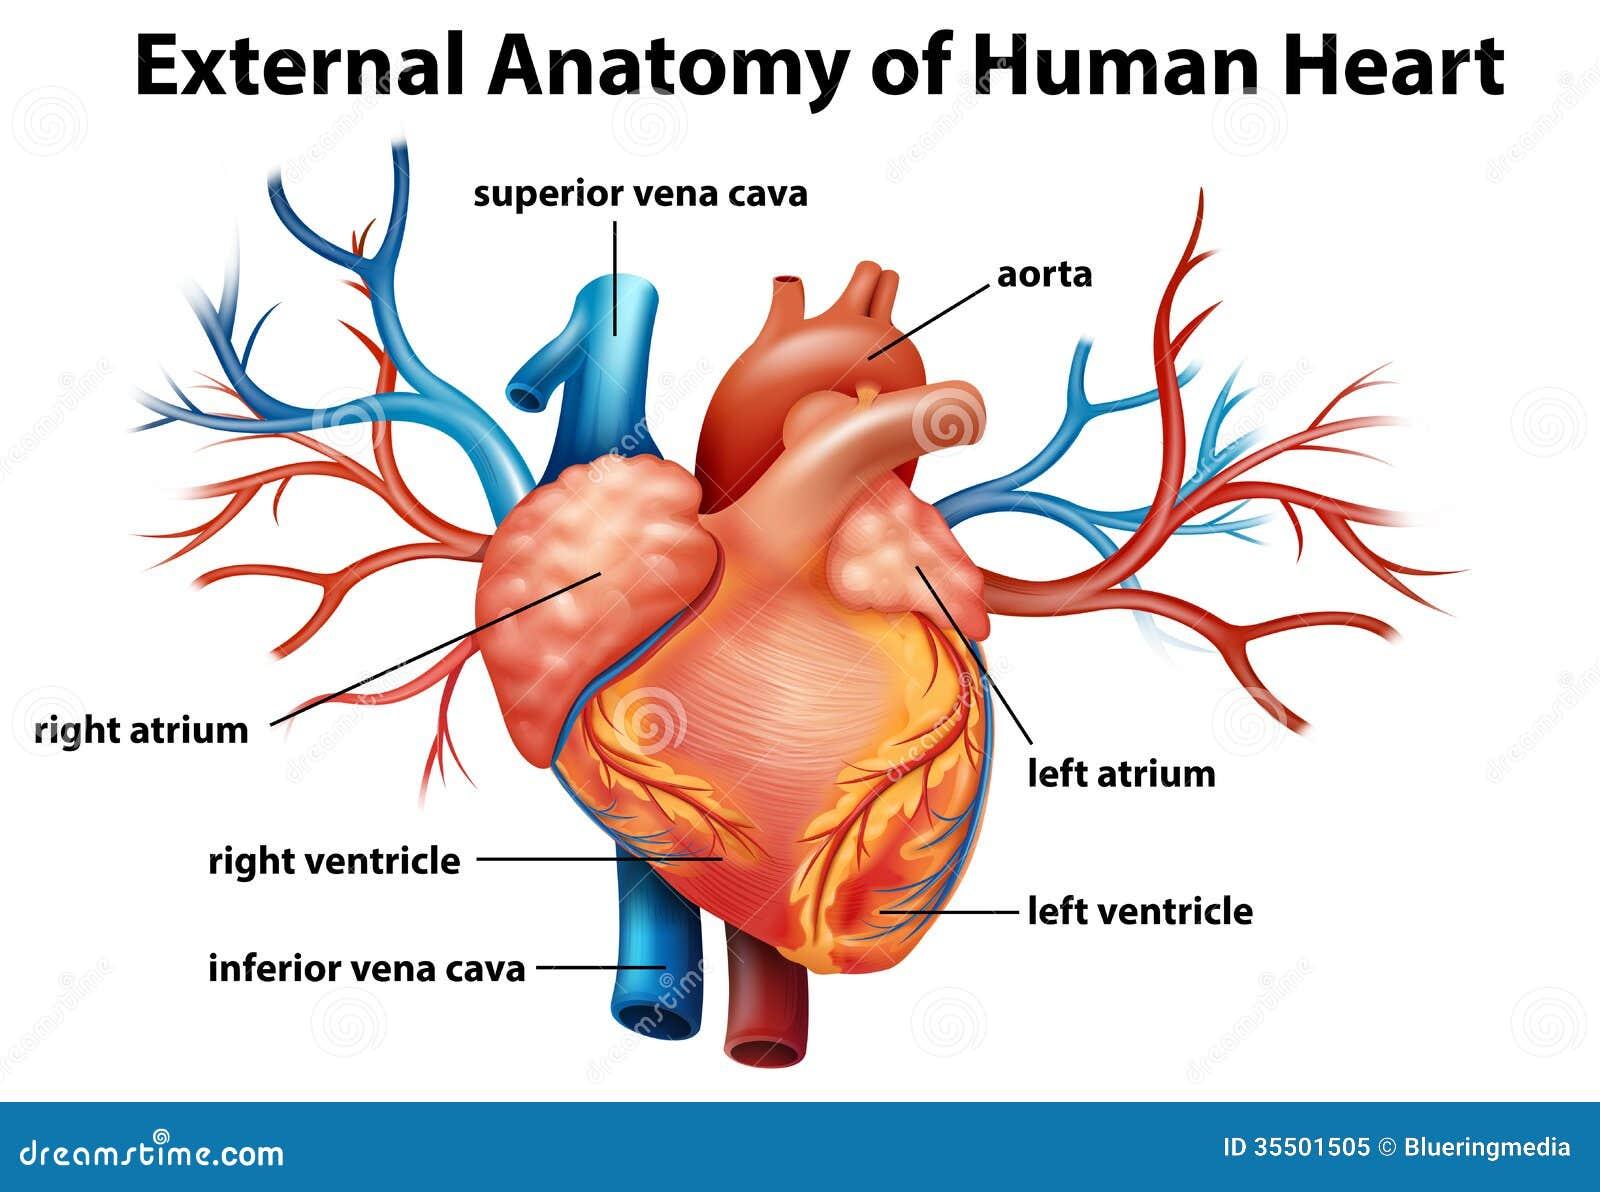 Verrassend Anatomie Van Het Menselijke Hart Vector Illustratie - Illustratie OX-81